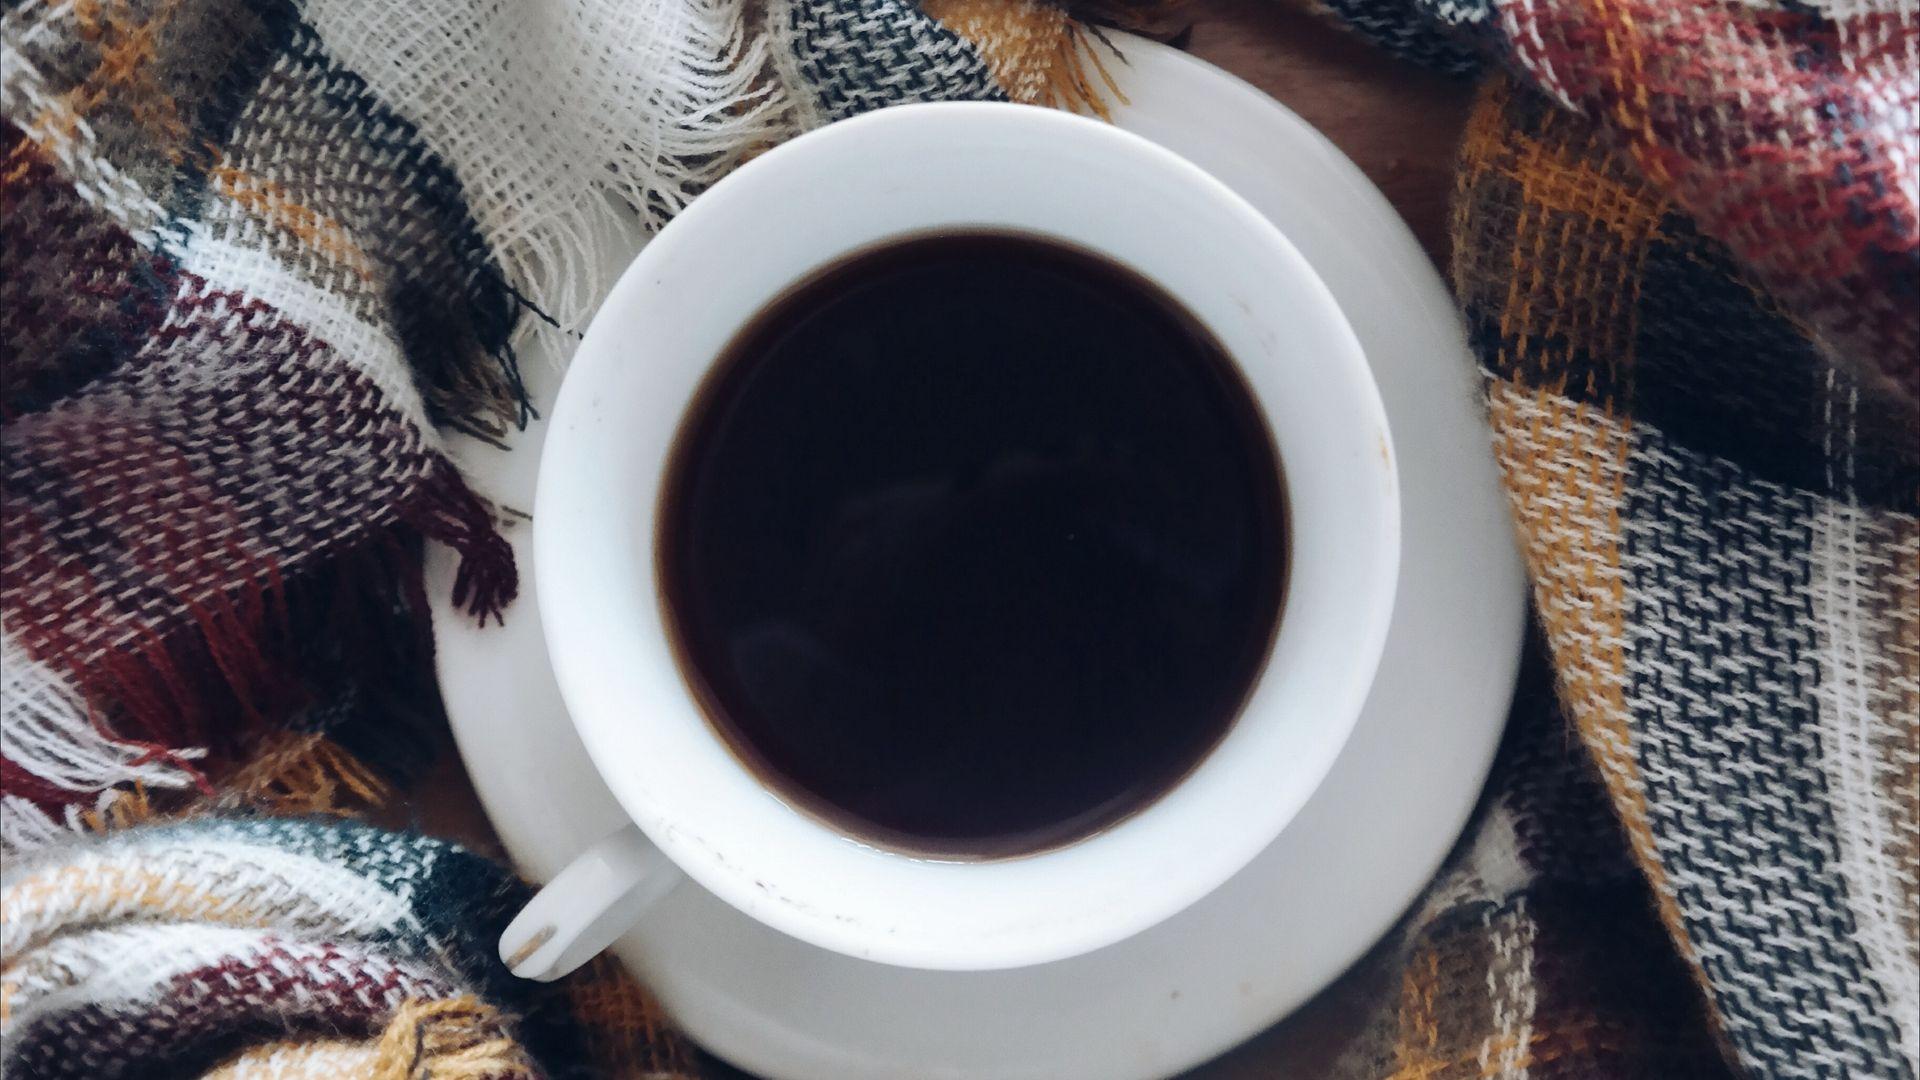 Pin by Cheri Leader on Simple pleasures Coffee wallpaper